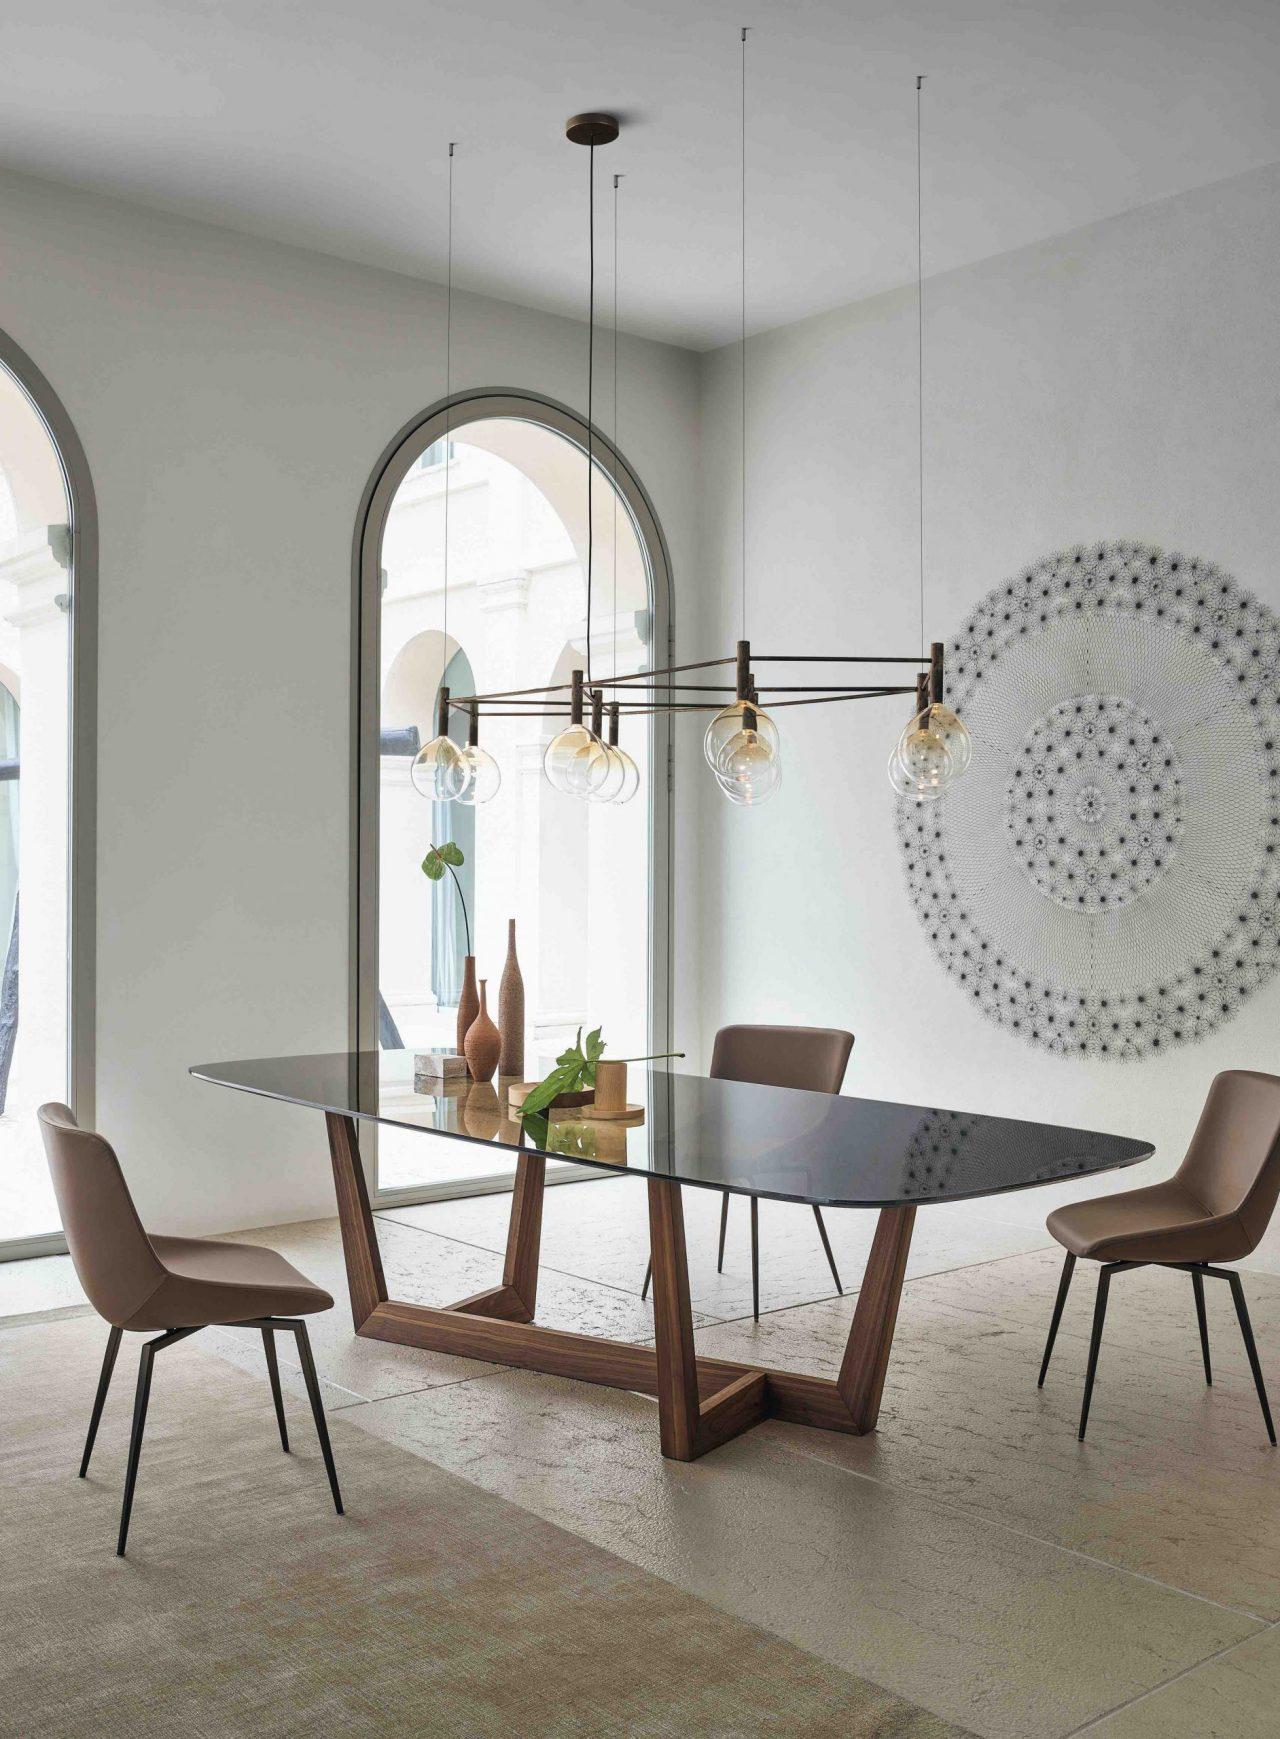 Bonaldo tavolo Art-Wood